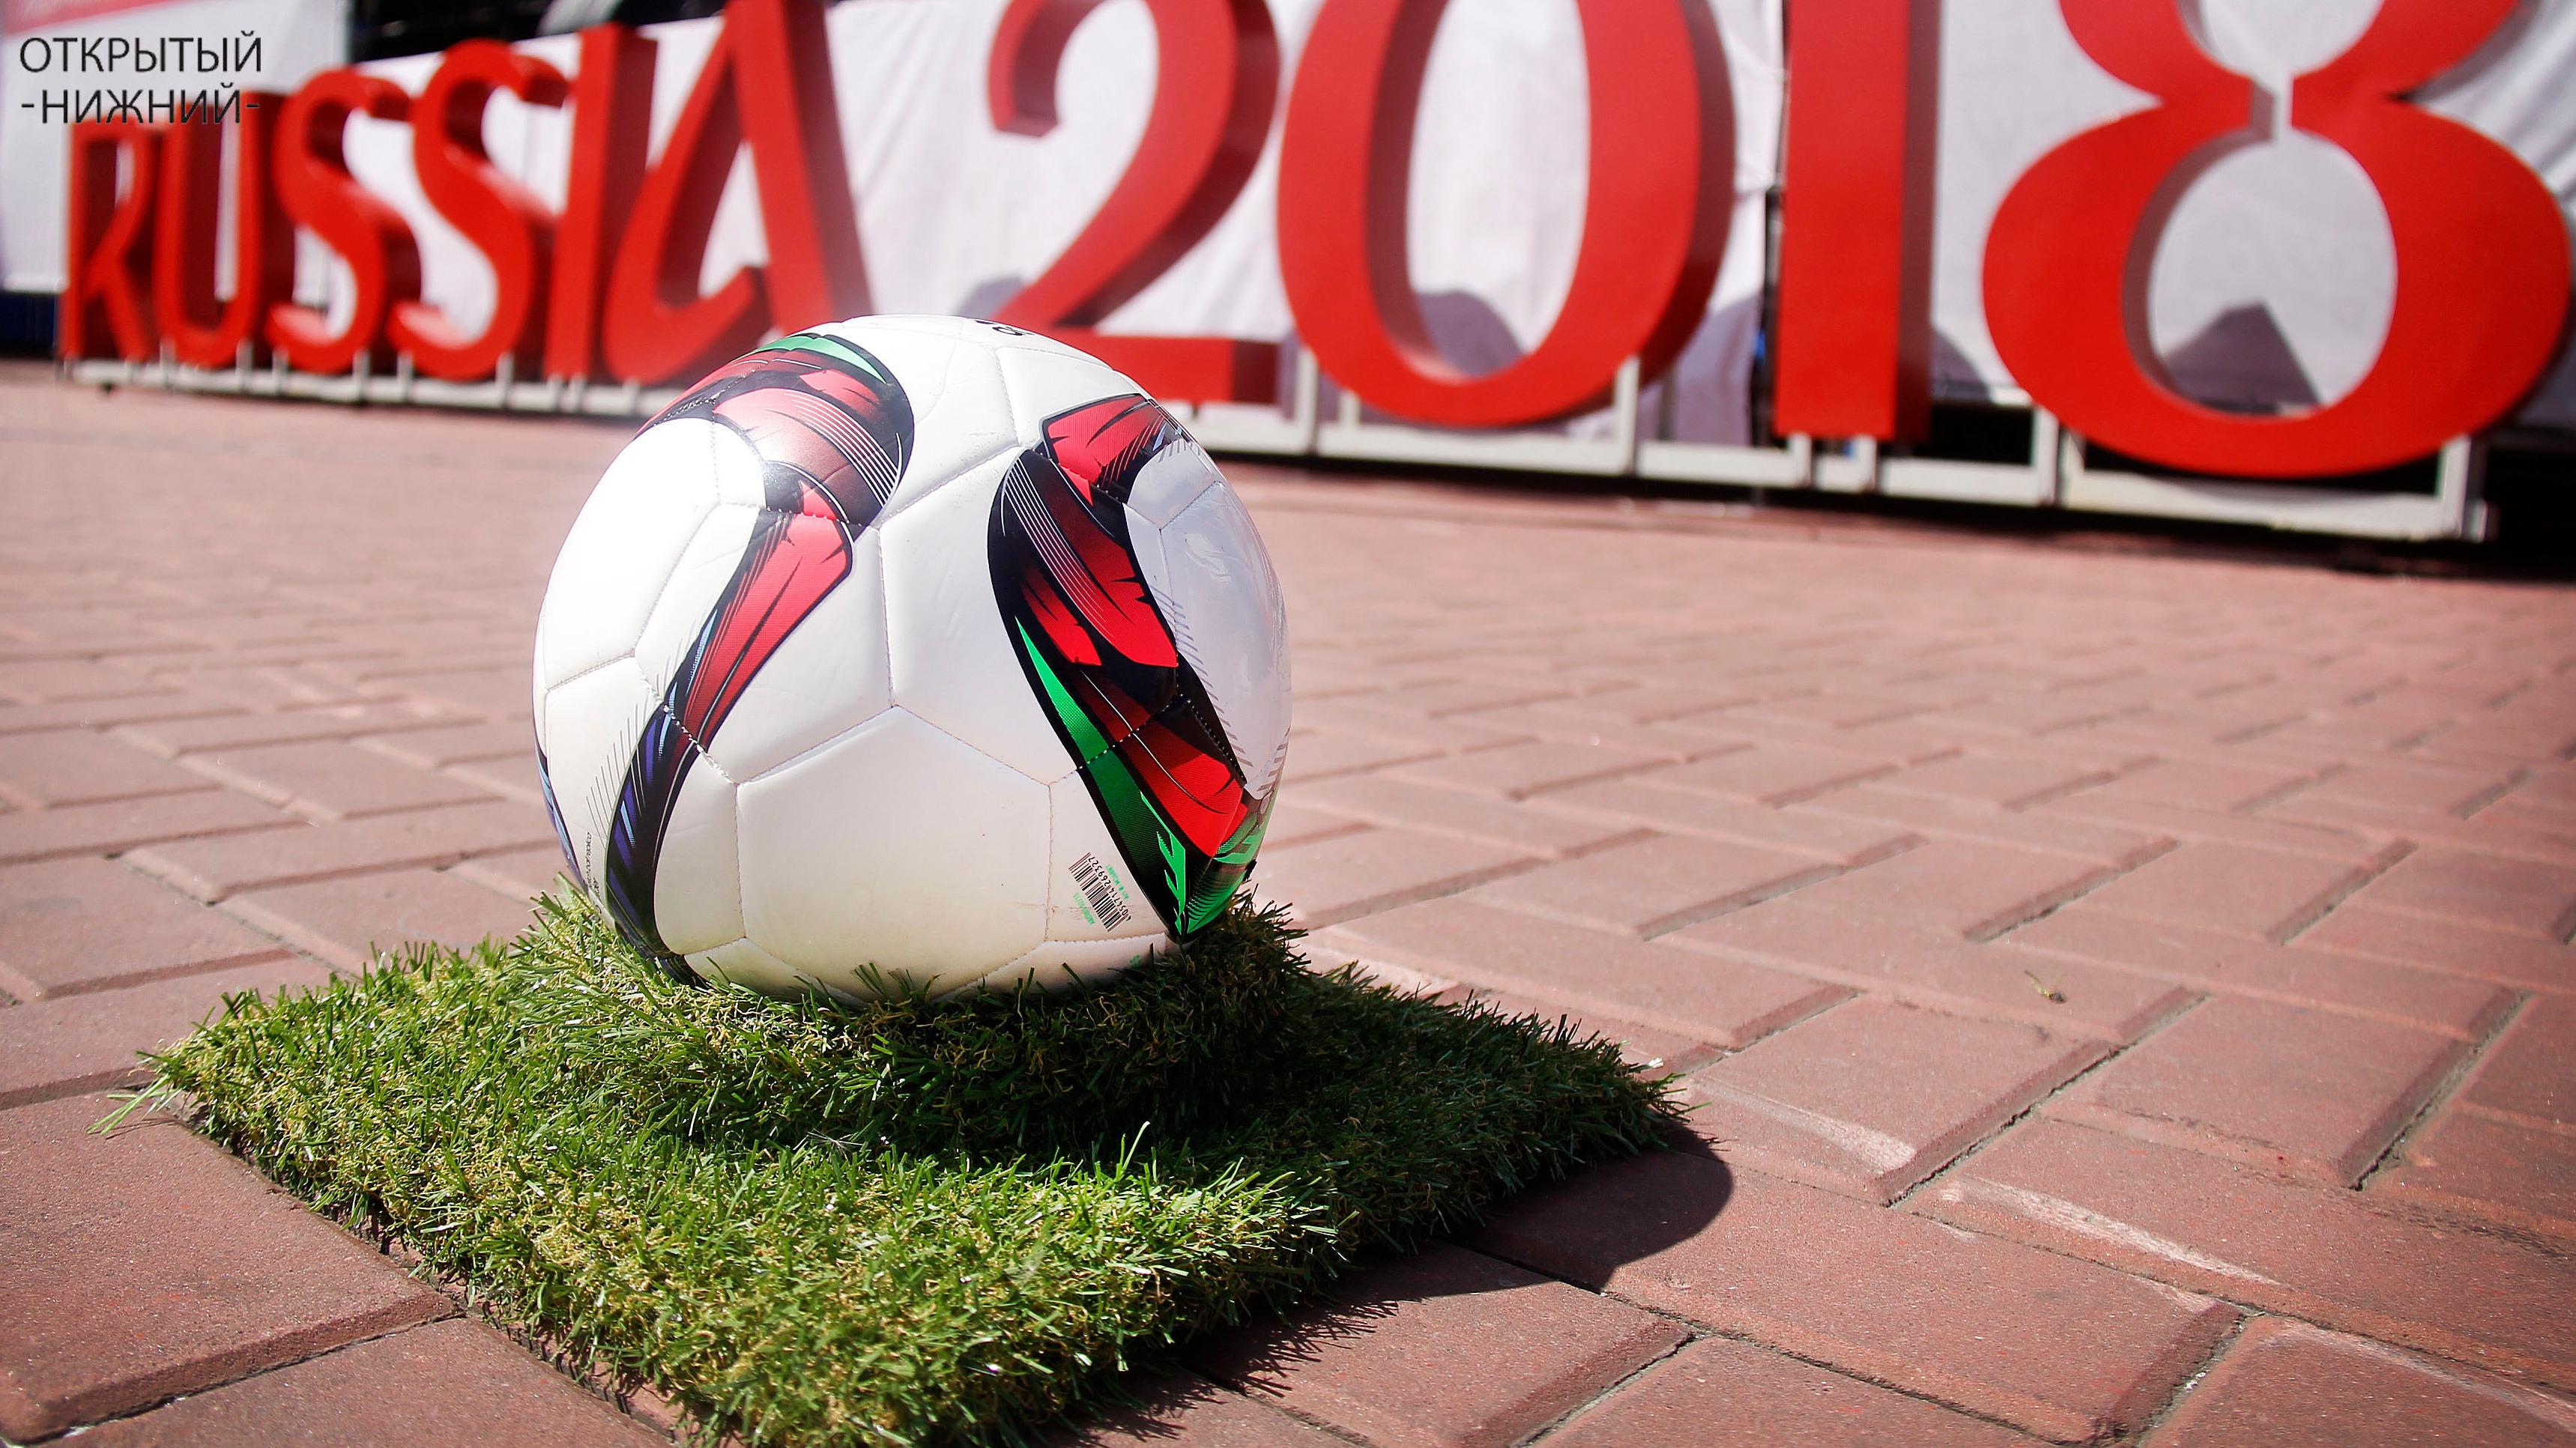 Госкомпании накупили VIP-билетов на чемпионат по футболу на 204 млн рублей